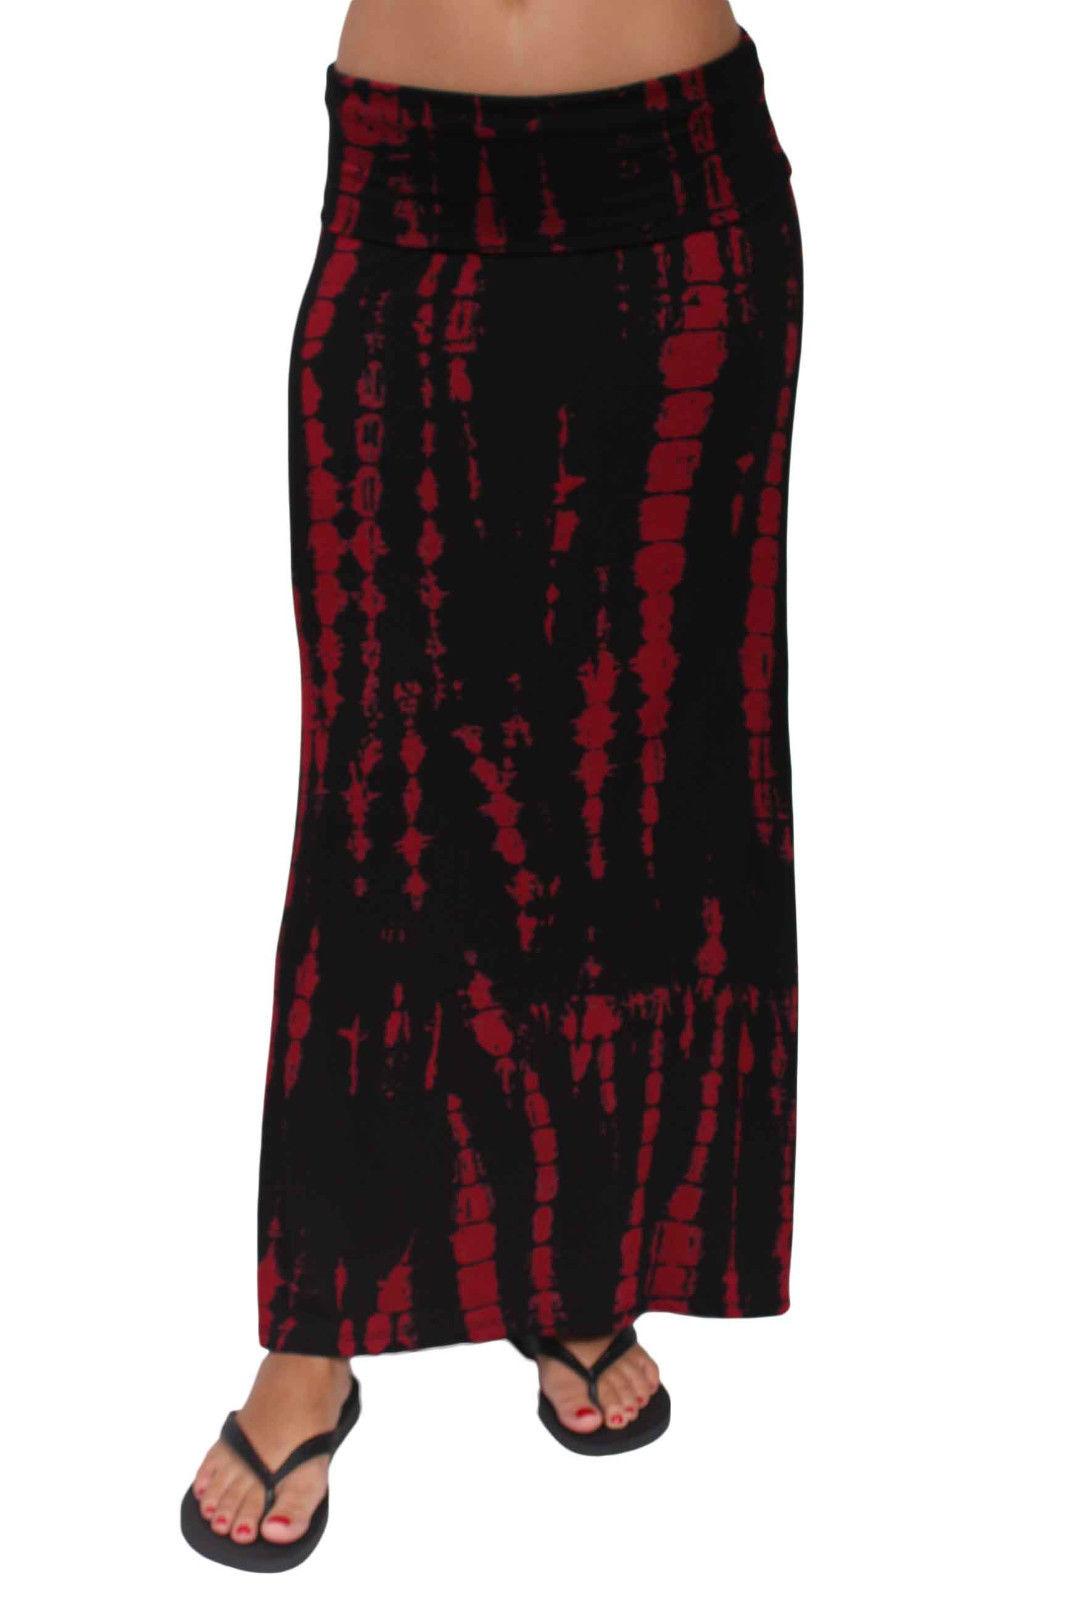 Women's Maxi Skirt Juniors Printed Full Length Black White ...